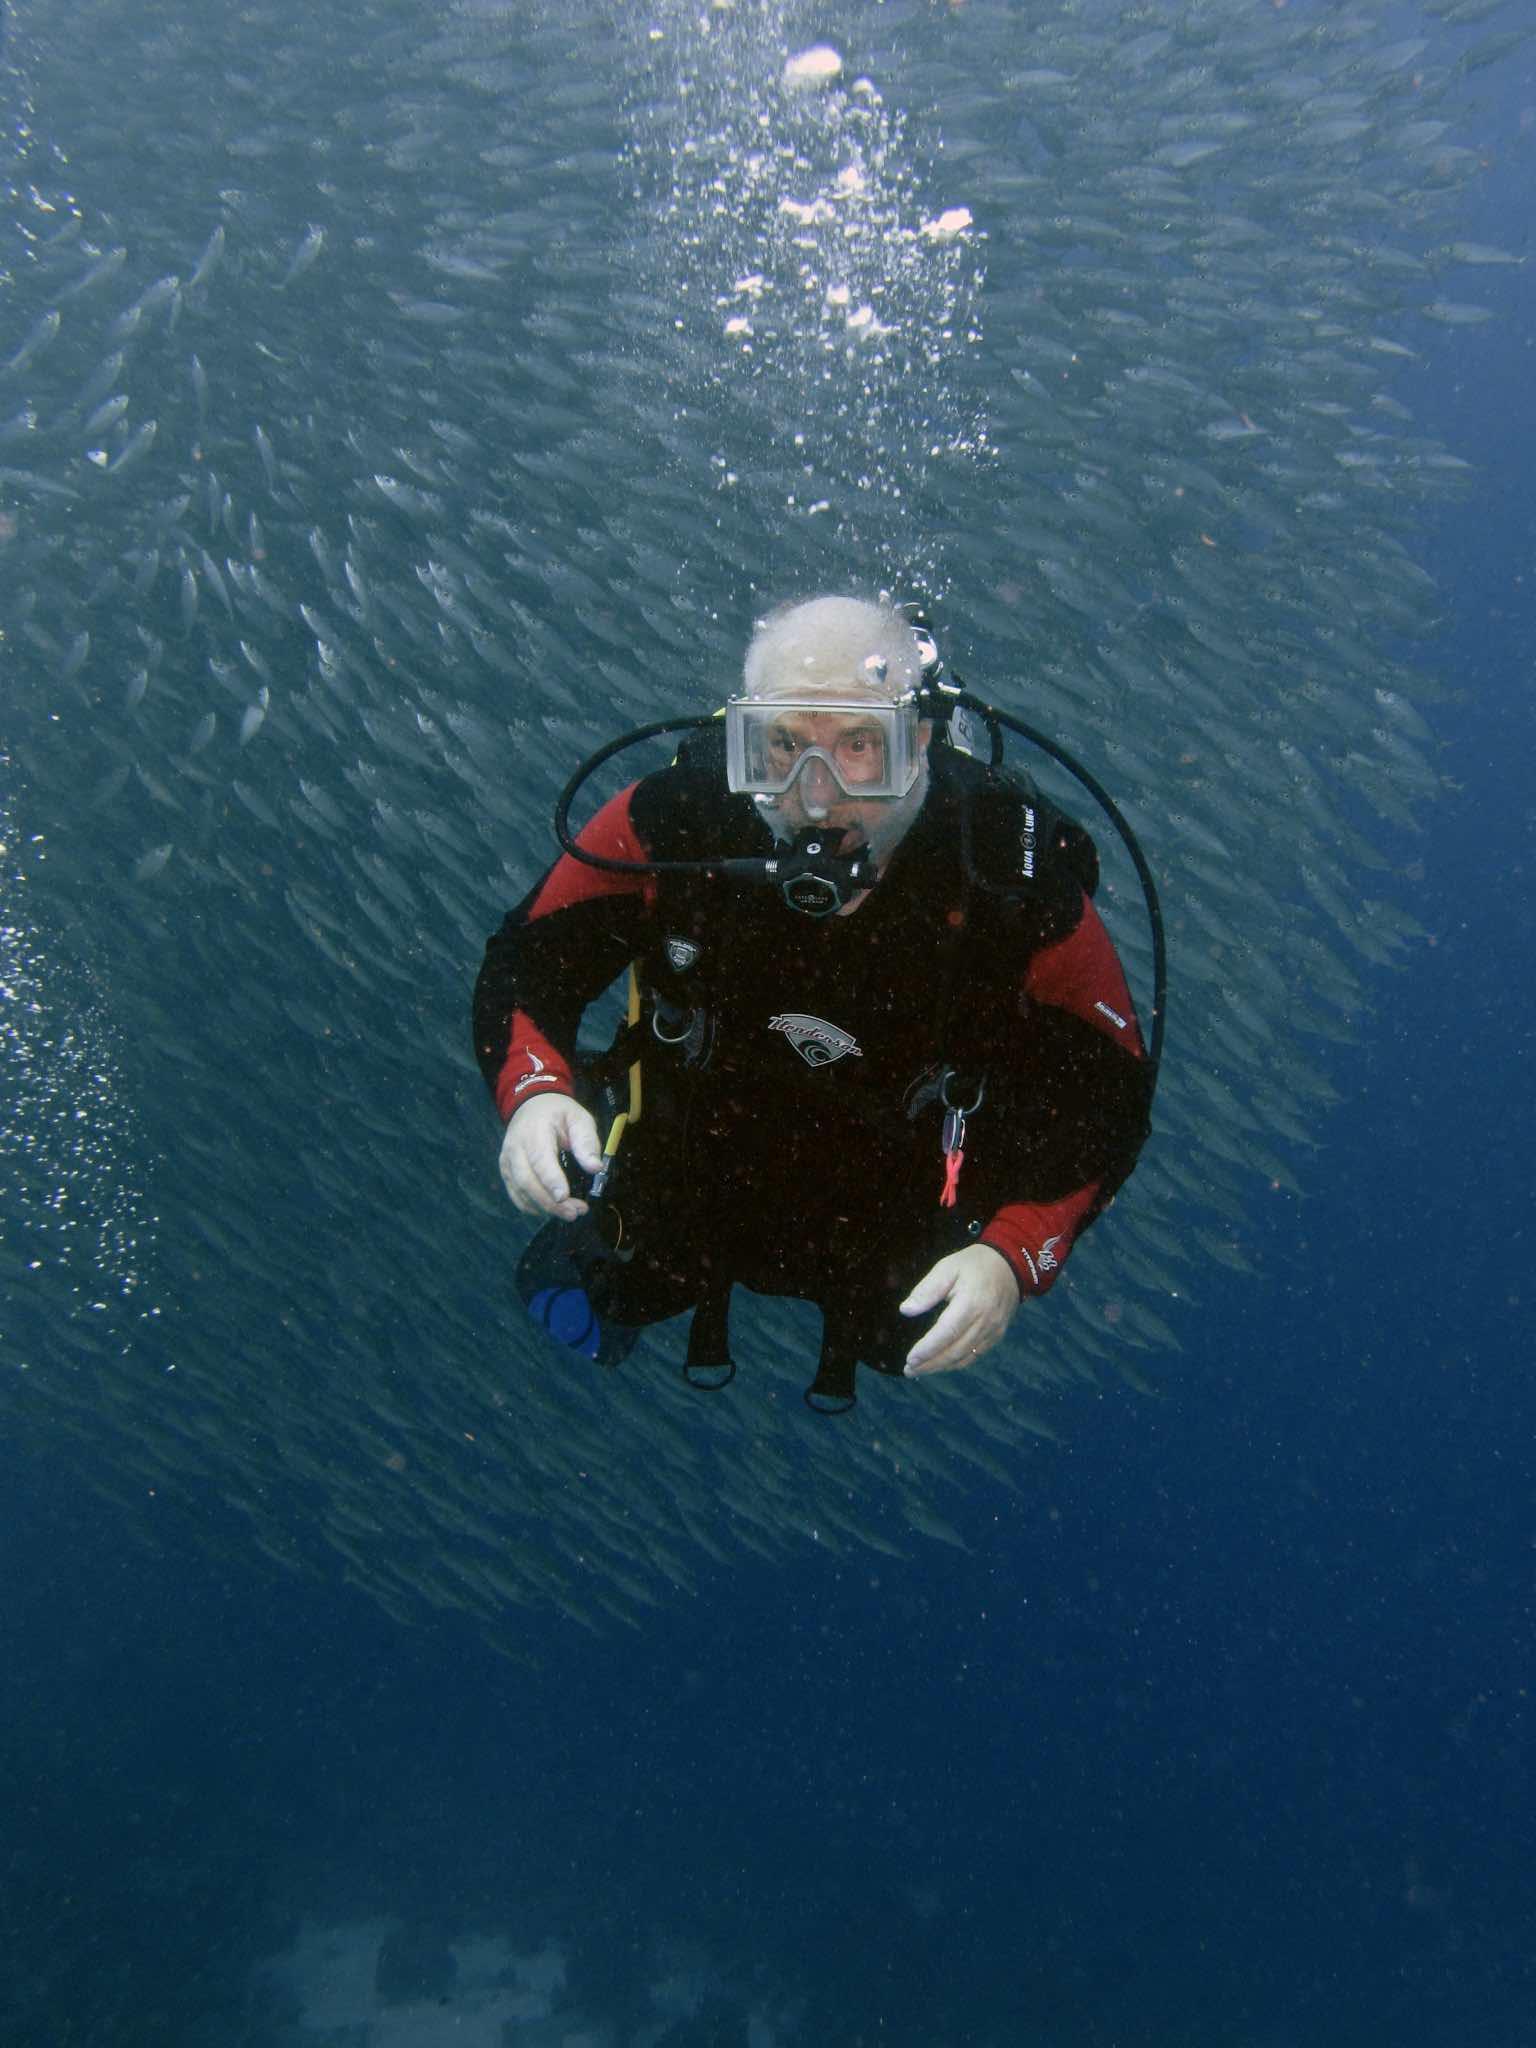 Paul Adler in front of the bait ball